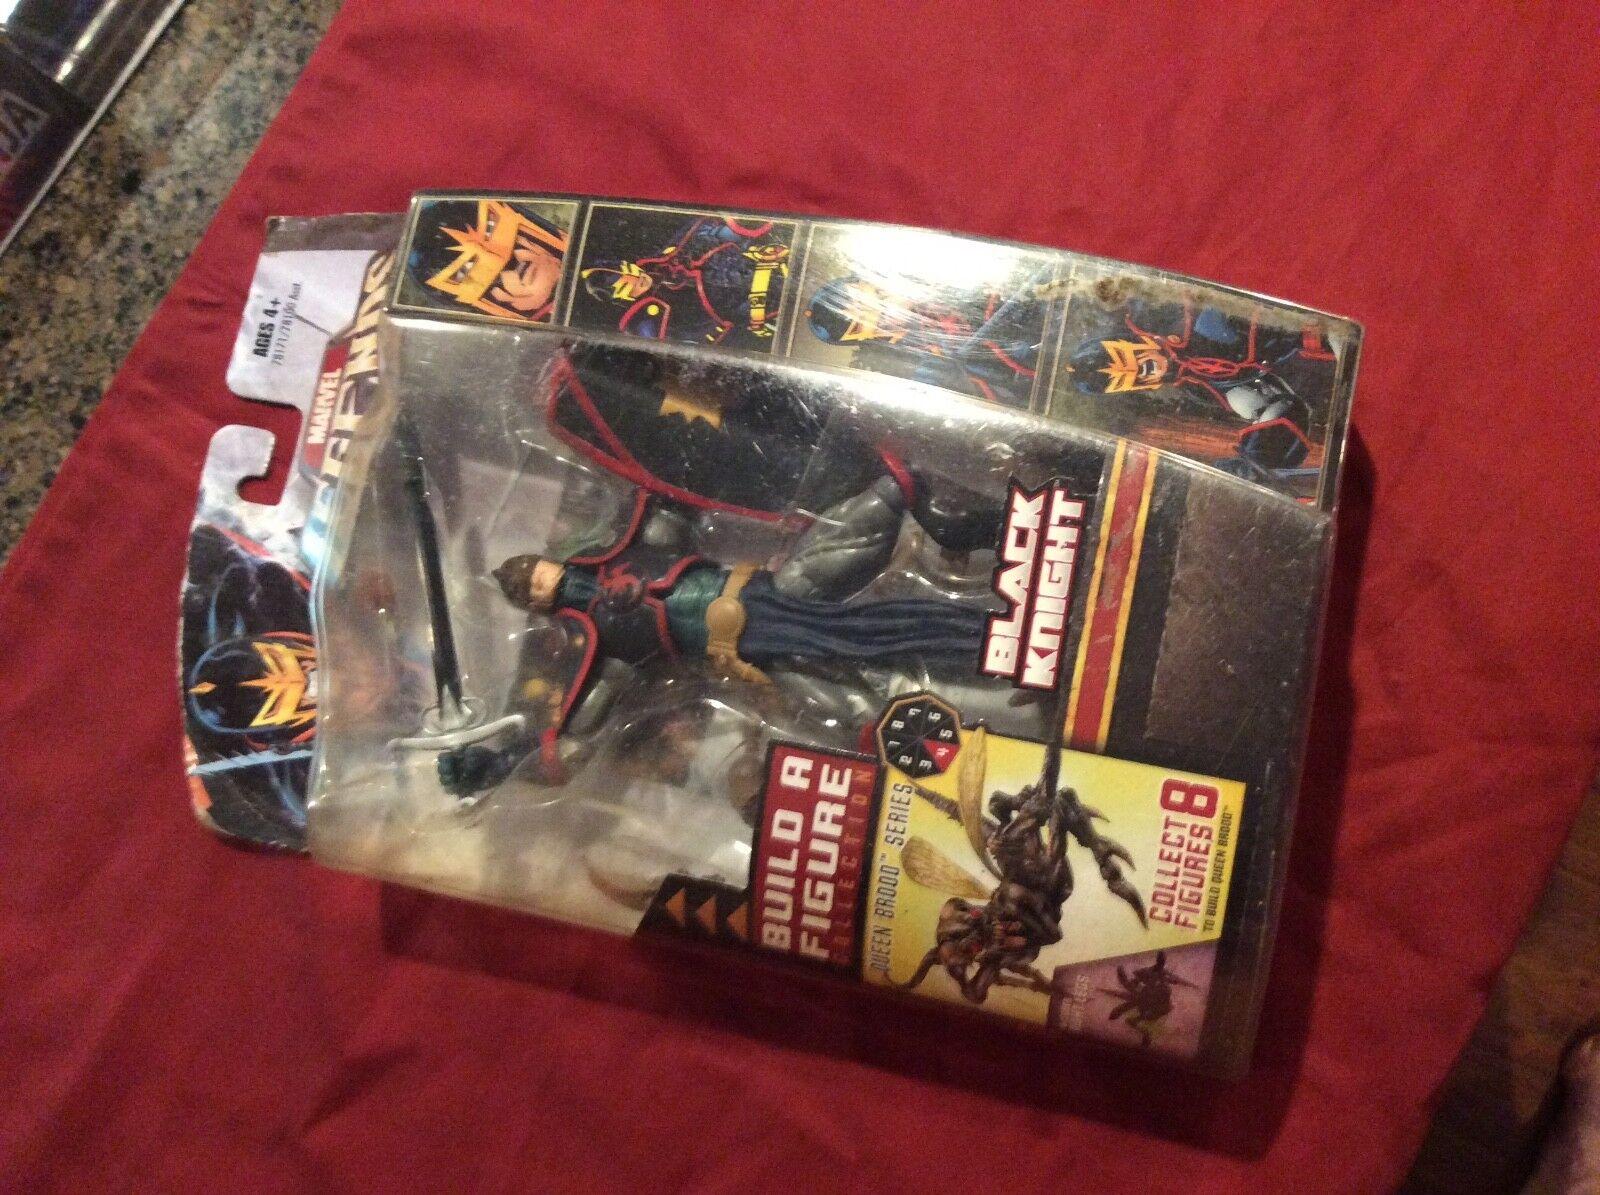 Marvel Legends Serie de reina cría Caballero nero nuevo Excalibur